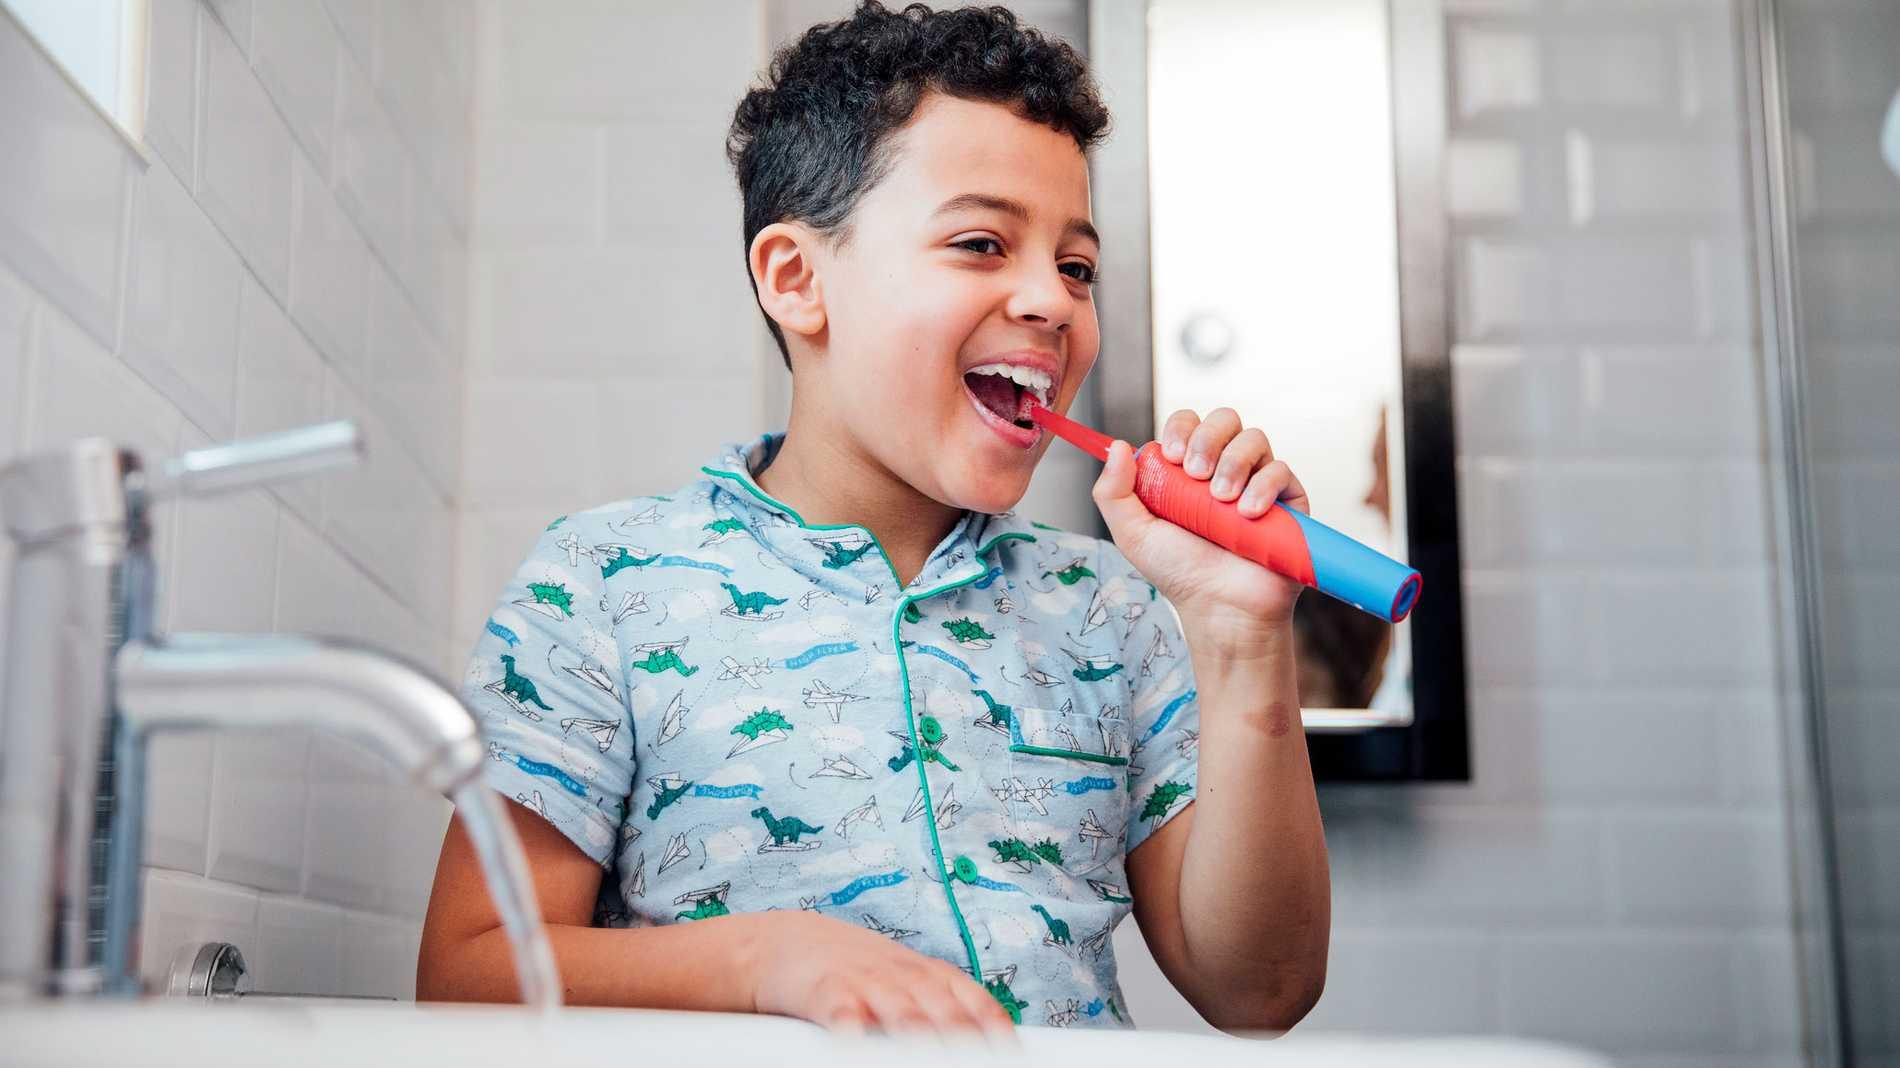 Bästa tipsen  Så får du dina barn att borsta tänderna  6142f43ff1279